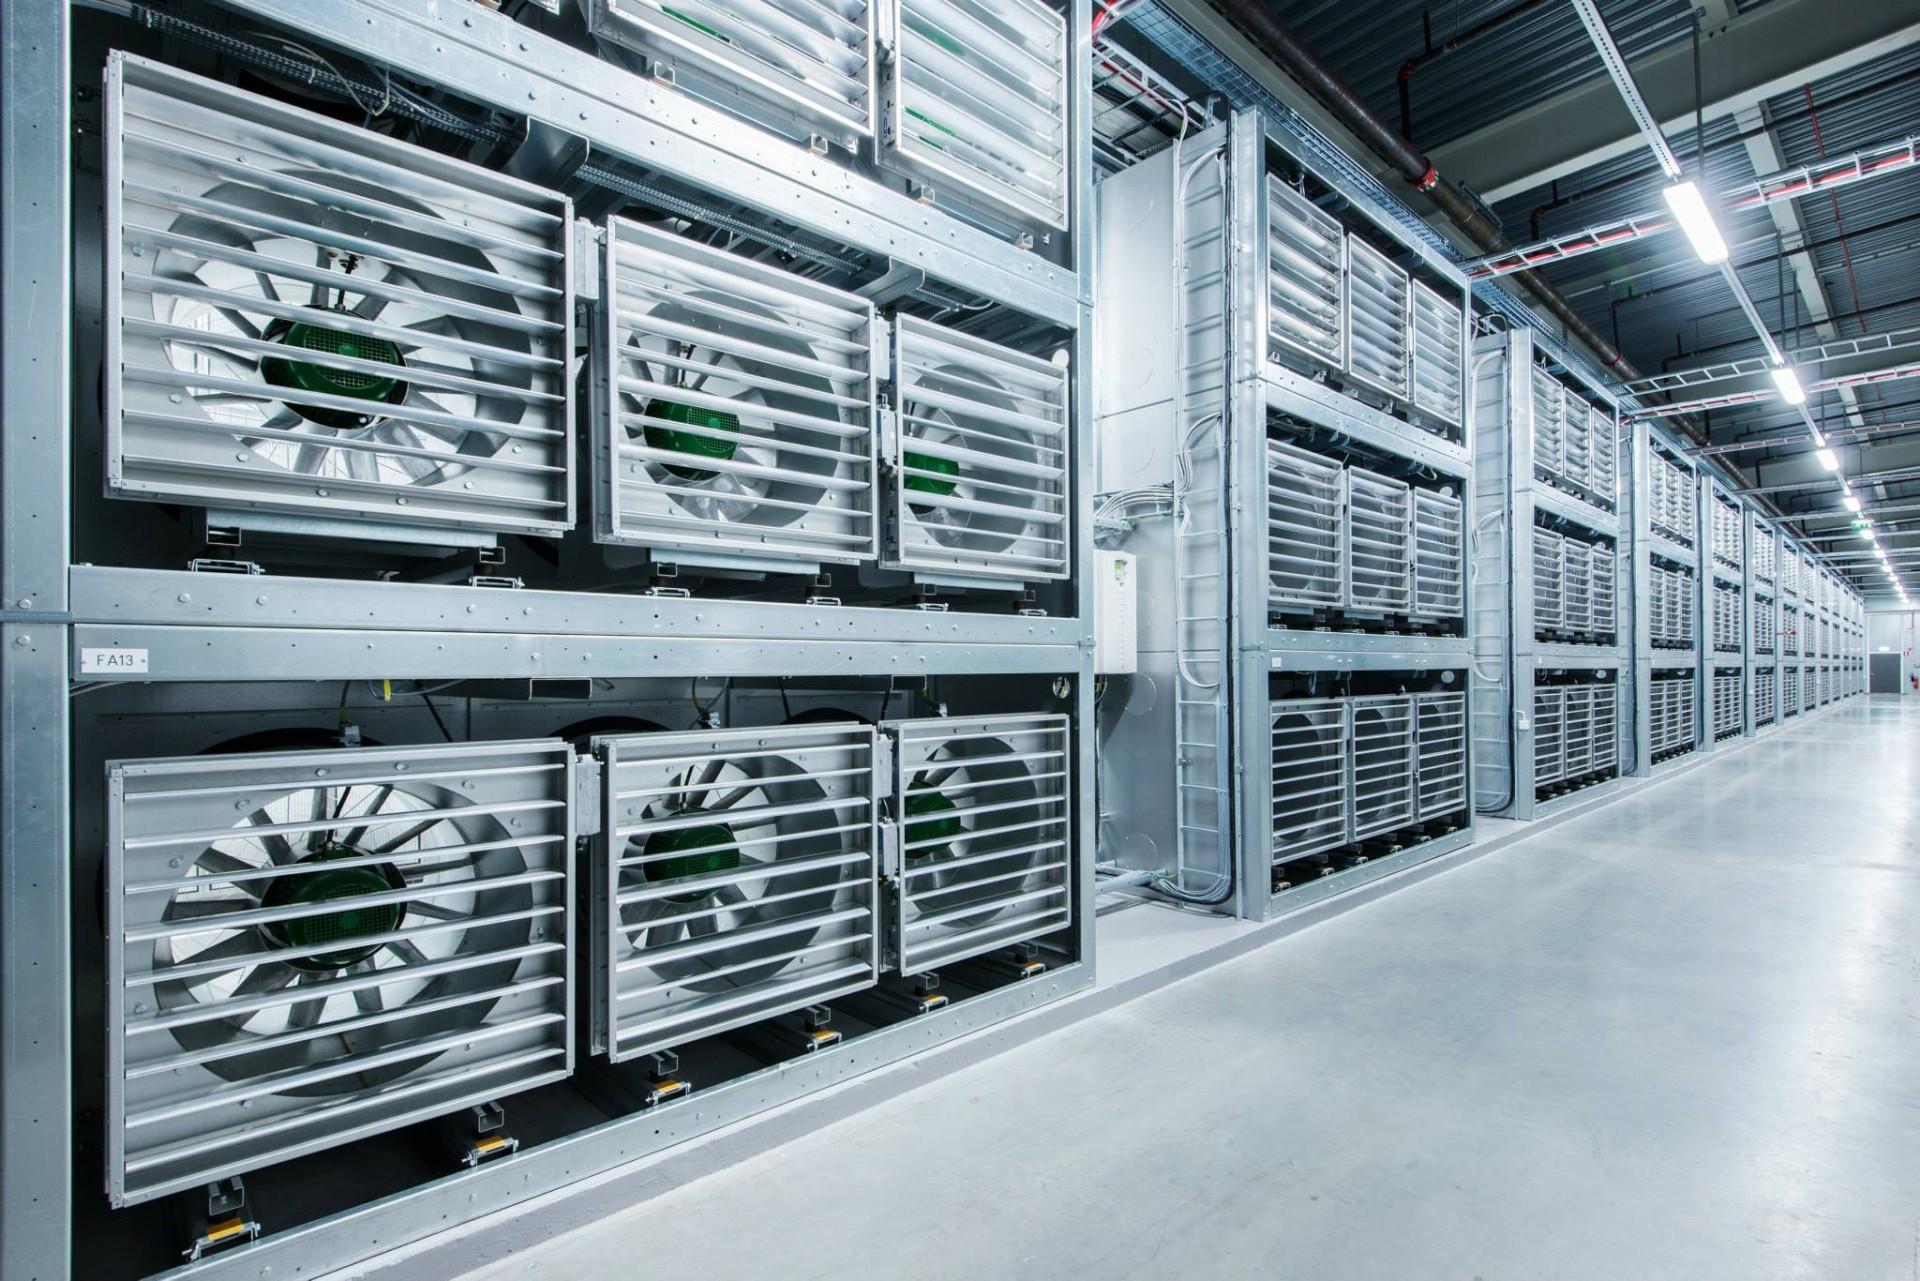 Facebook обвиняют в плагиате дата-центров - 7